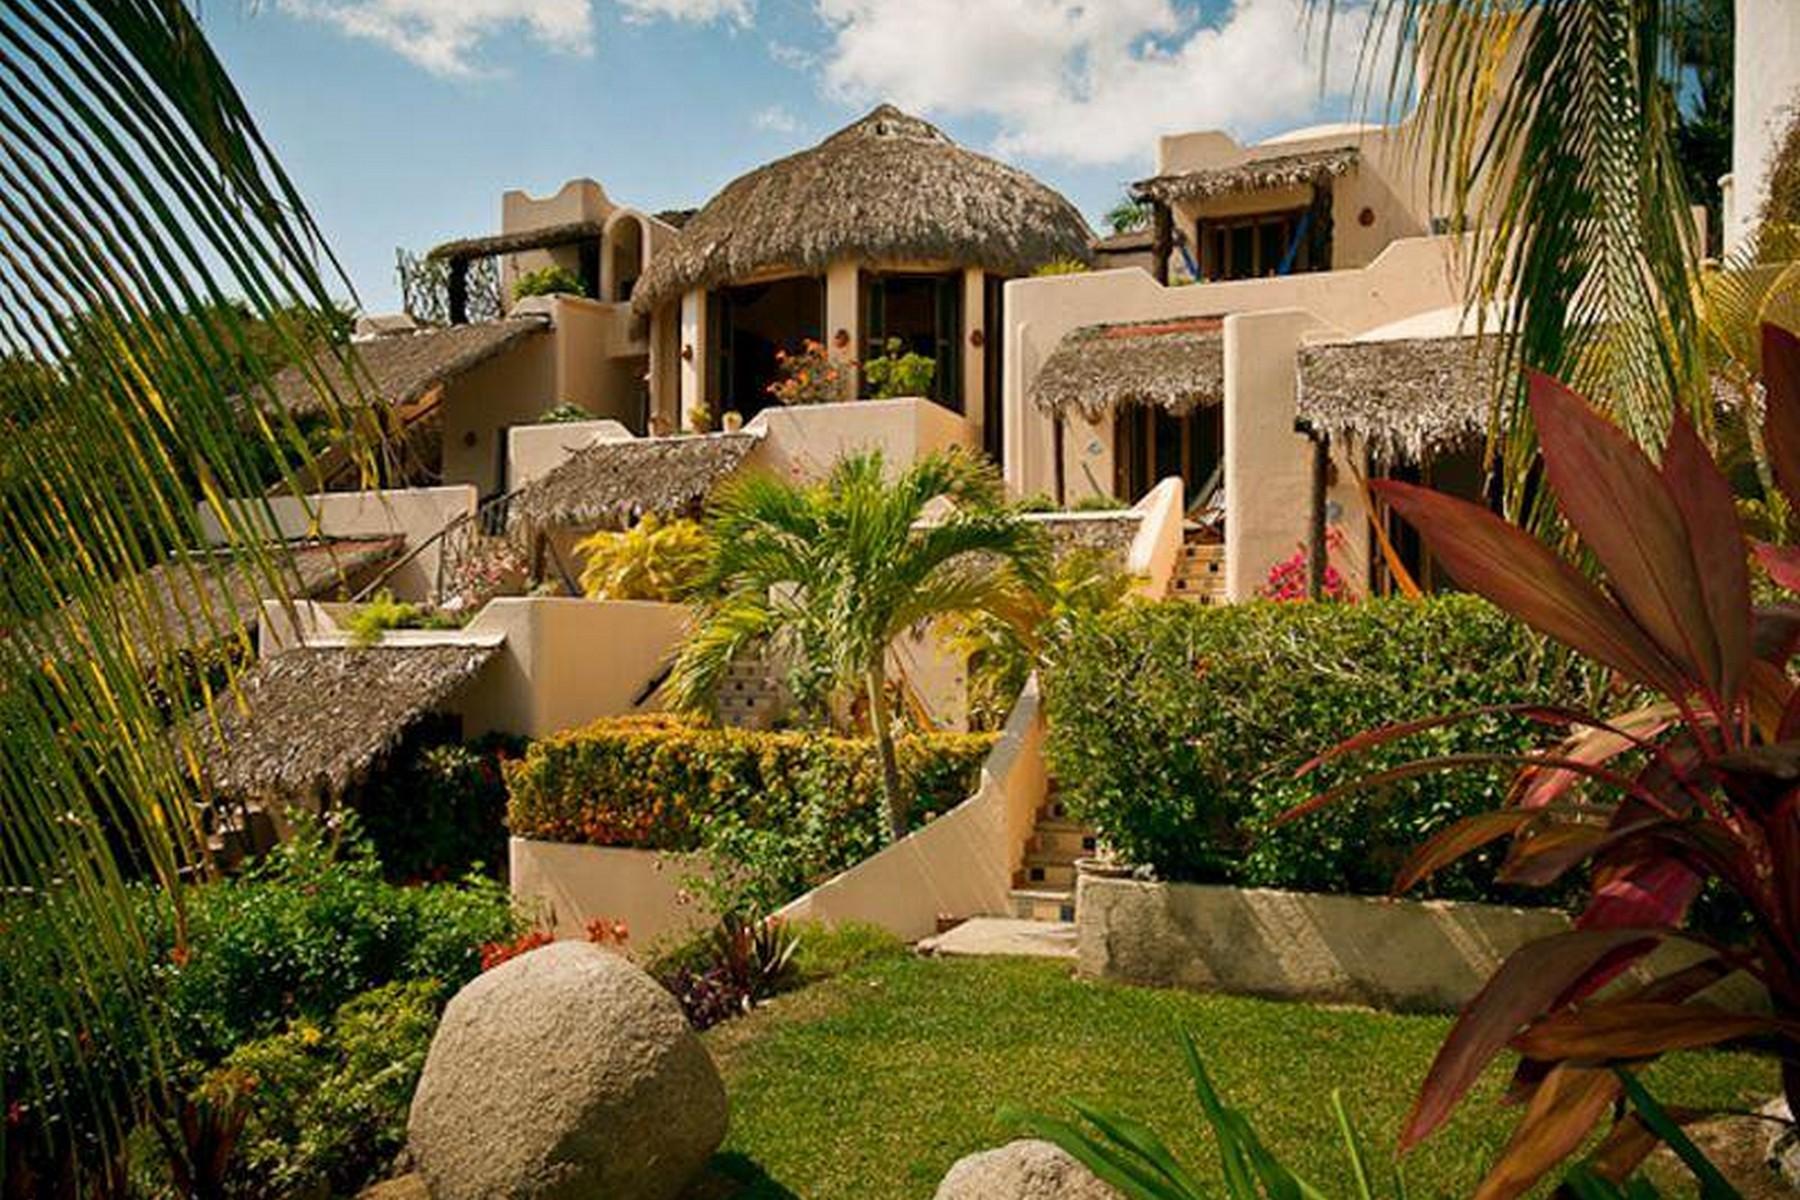 独户住宅 为 销售 在 Villa Agua Azul 瓦图尔科, 瓦哈卡, 45010 墨西哥